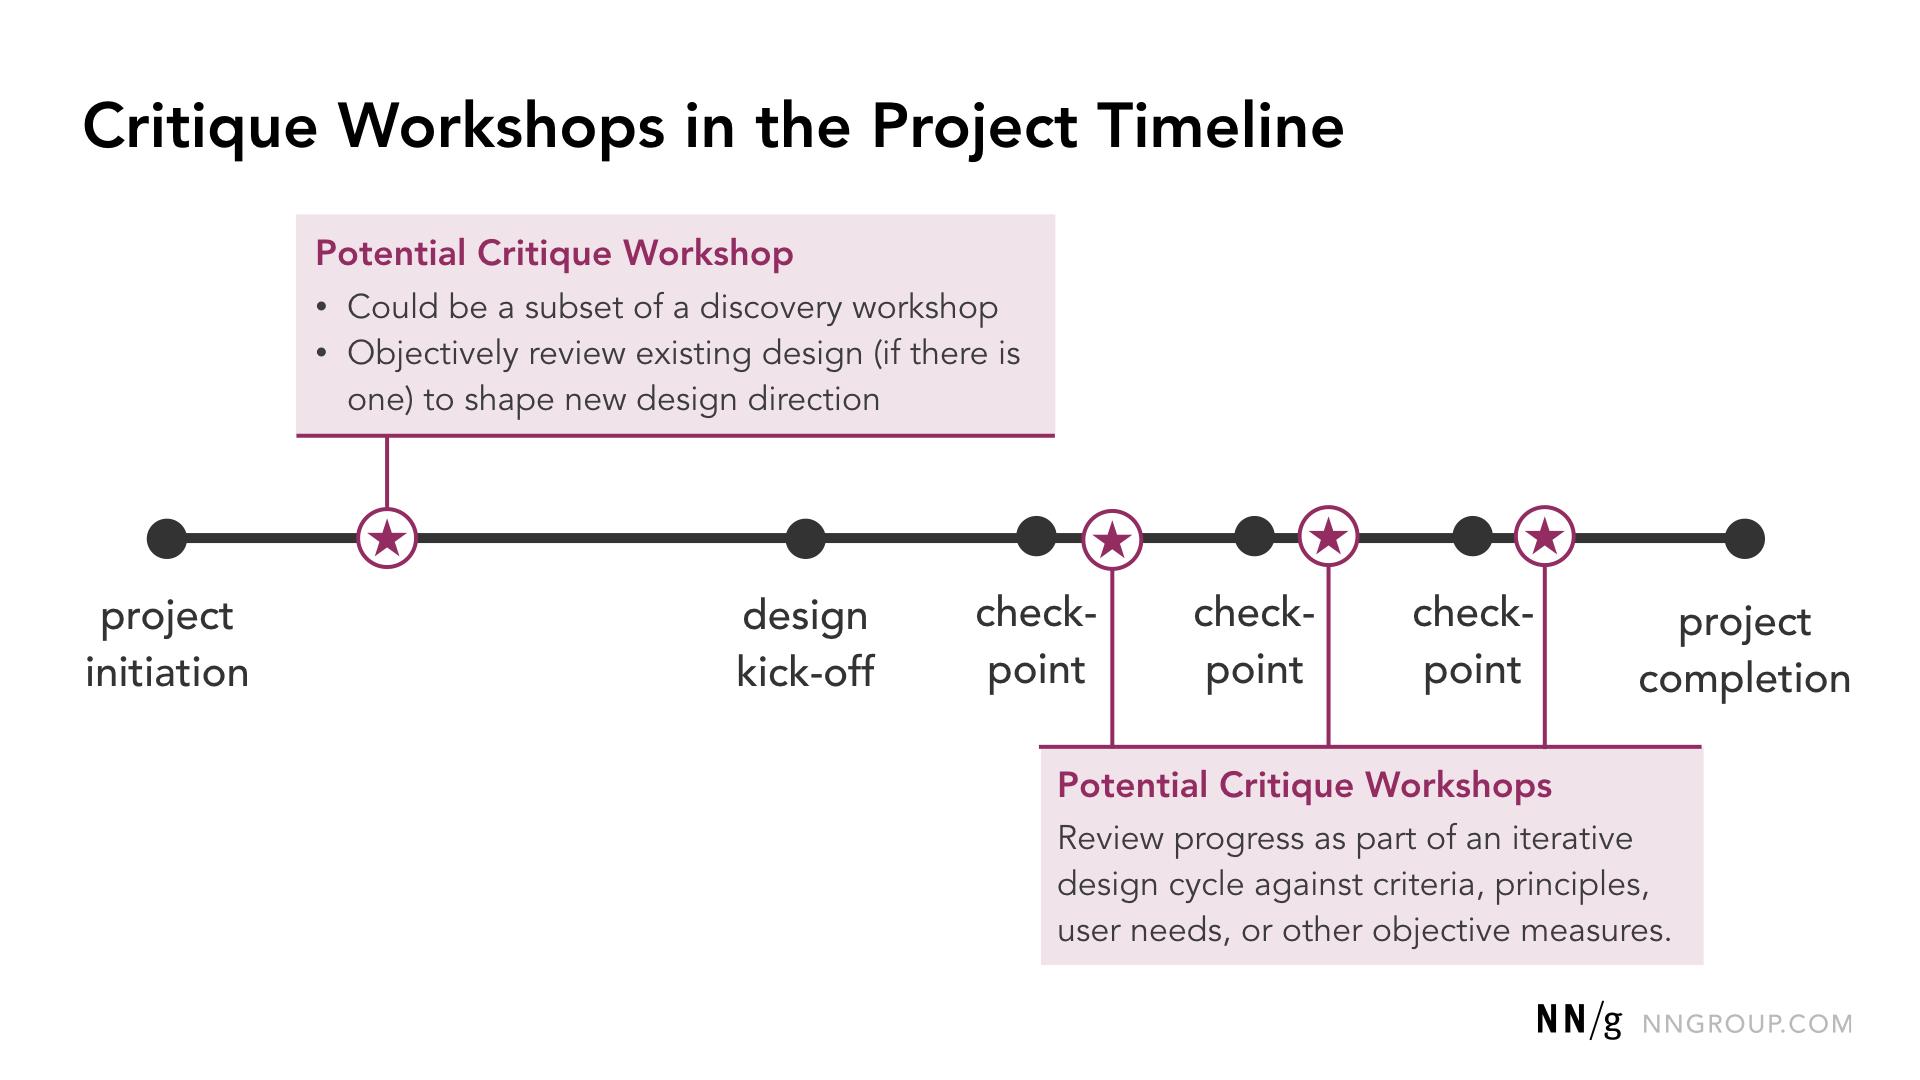 Opportunités communes pour les ateliers de critique de conception à travers une chronologie de conception de haut niveau